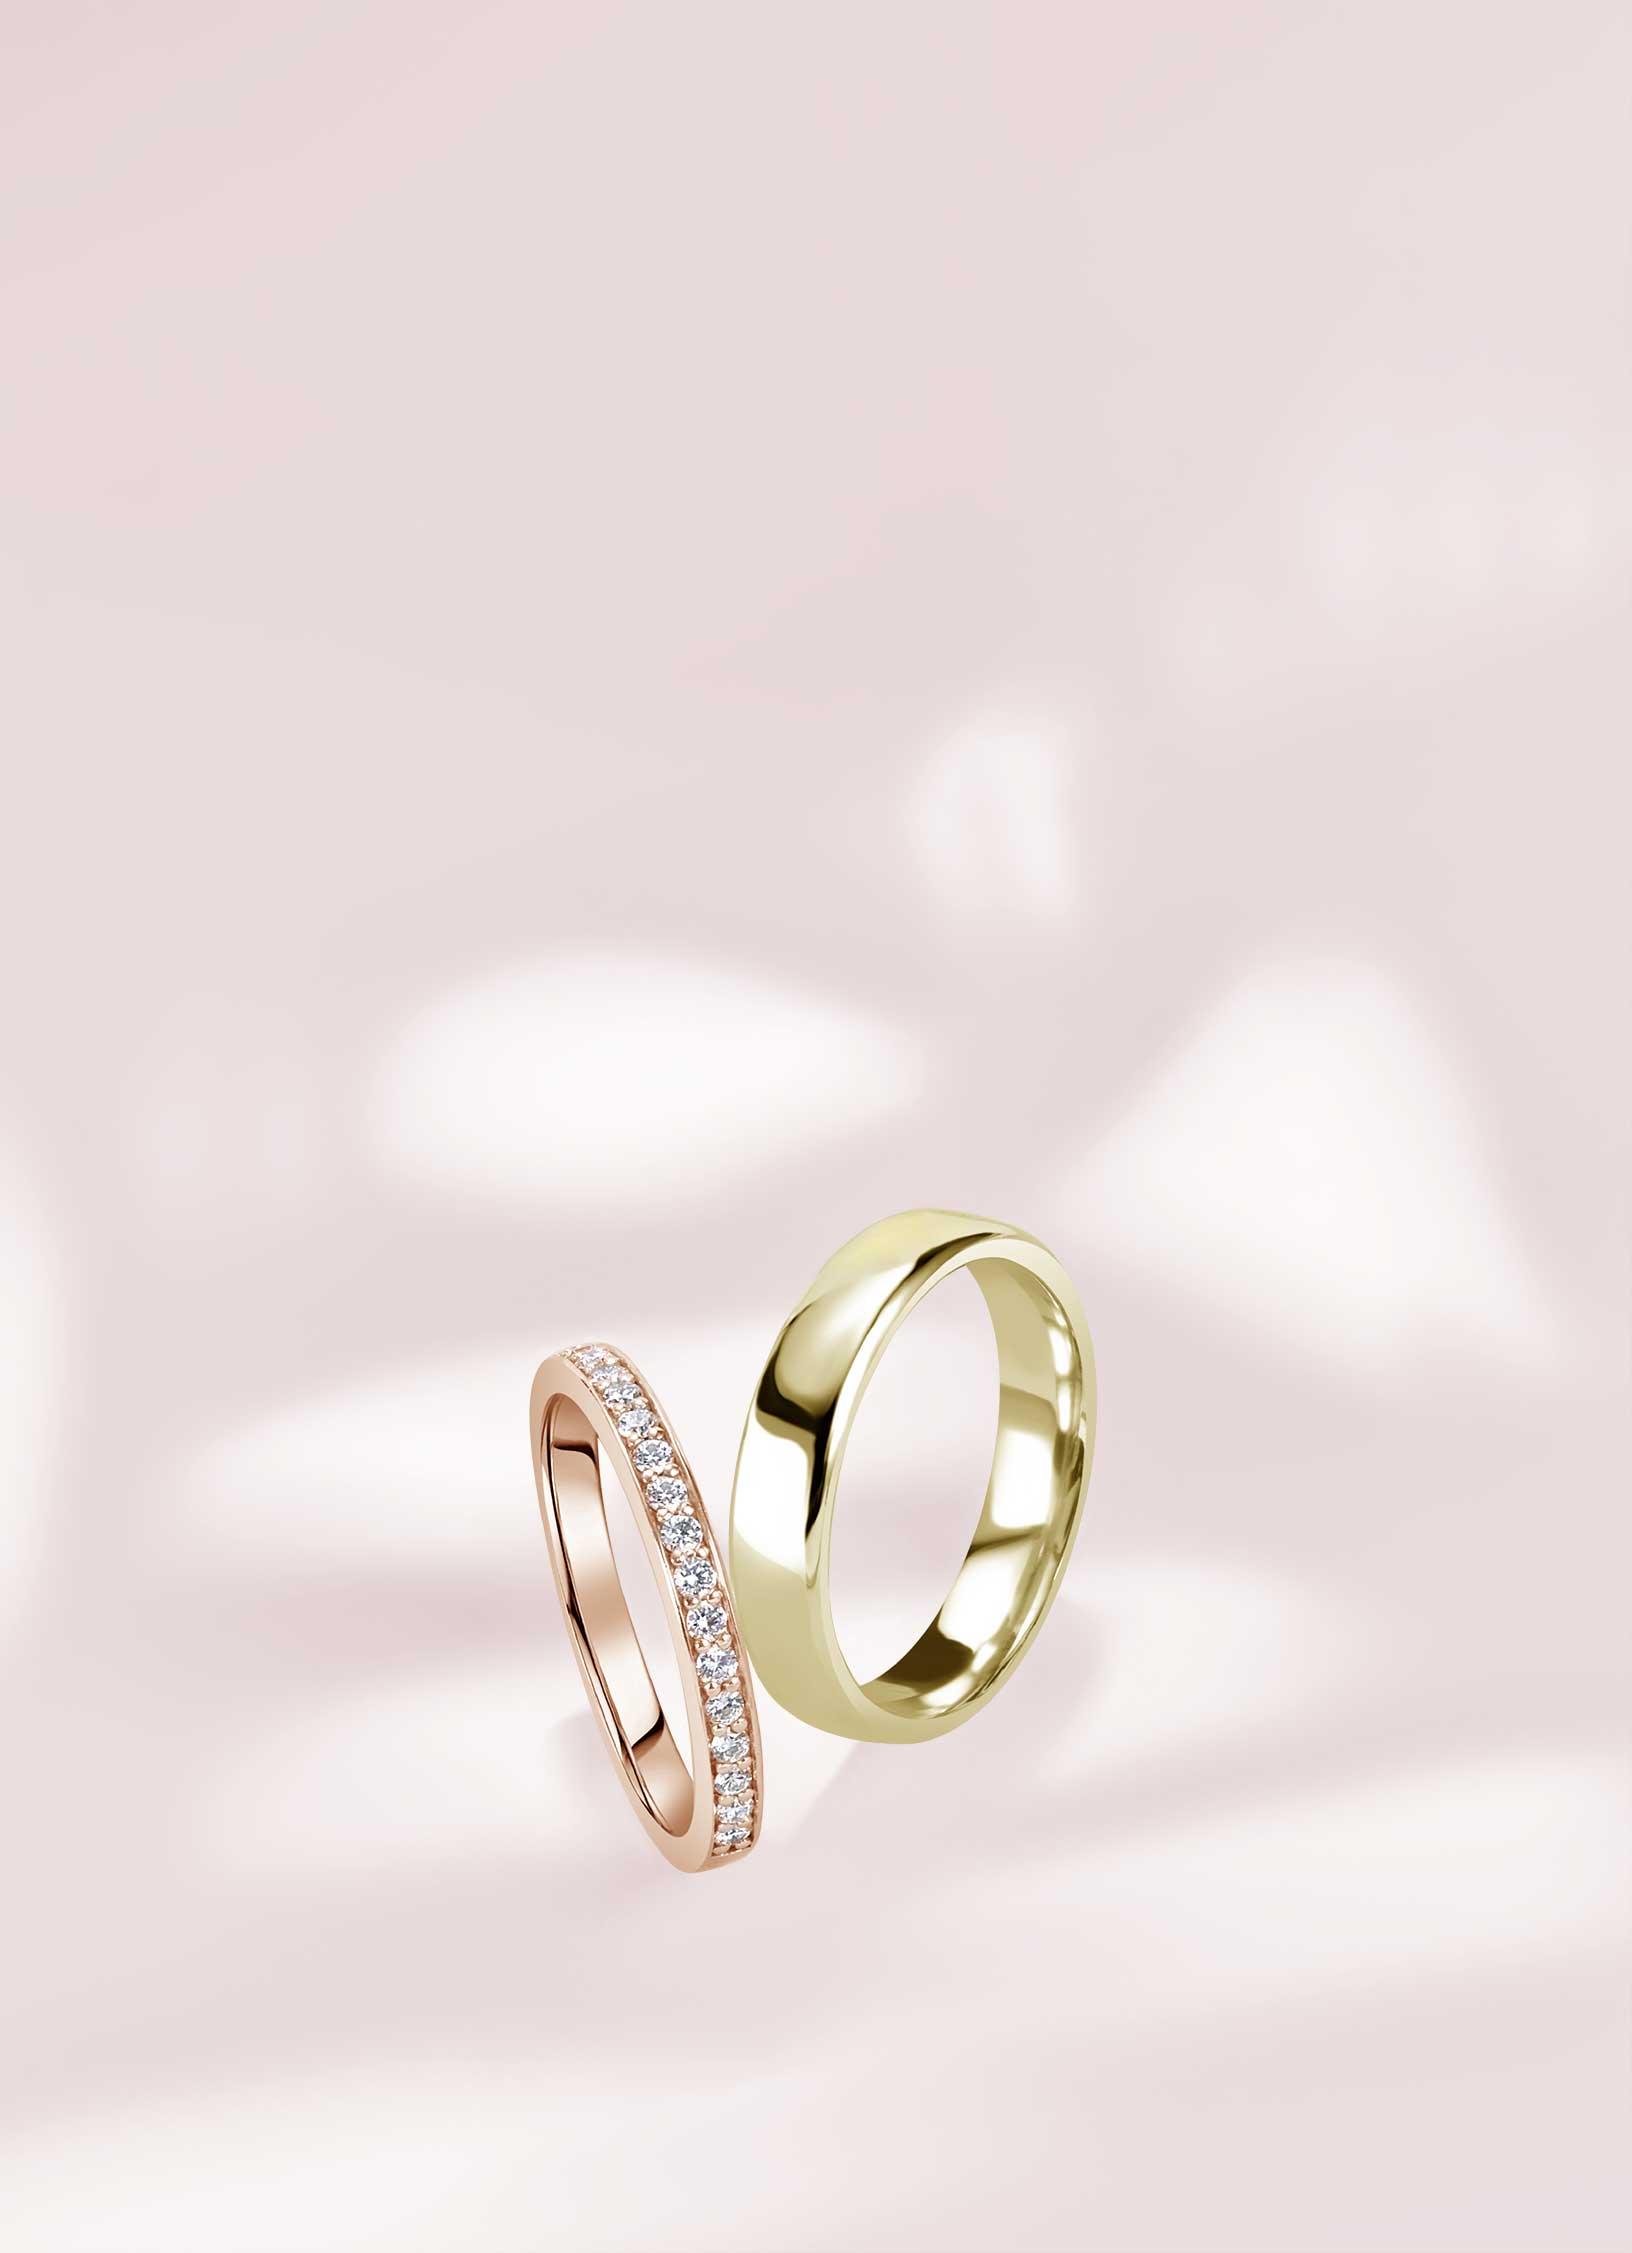 Womens Wedding Rings - Steven Stone